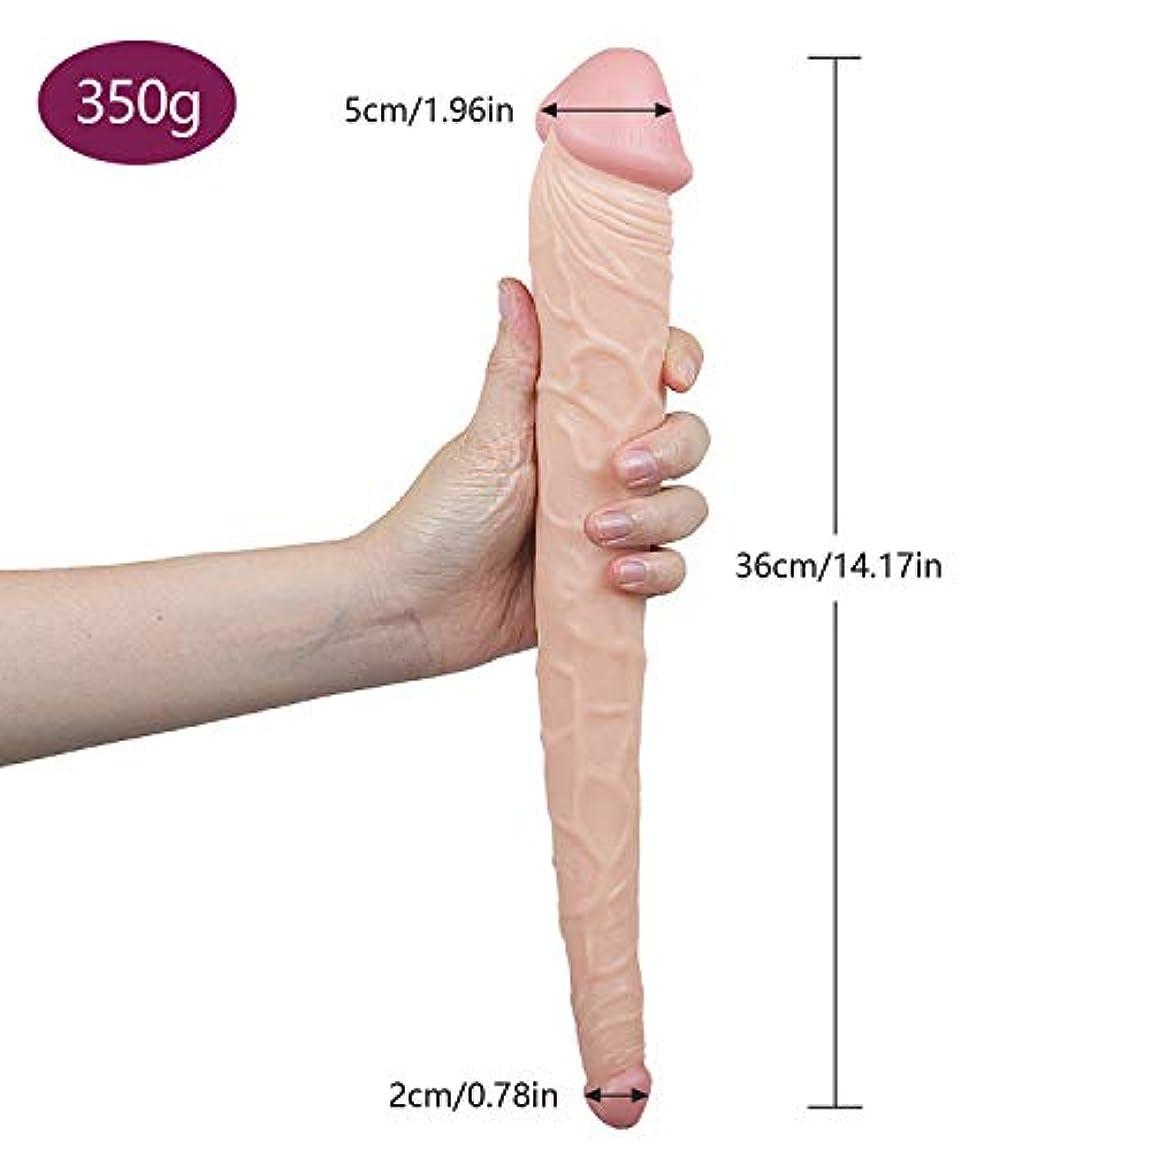 選択ベスト印象的なペニス 14.17インチの完全なサイズの完全なボディマッサージャーの二重頭の側面のマッサージャーのおもちゃ マッサージャー